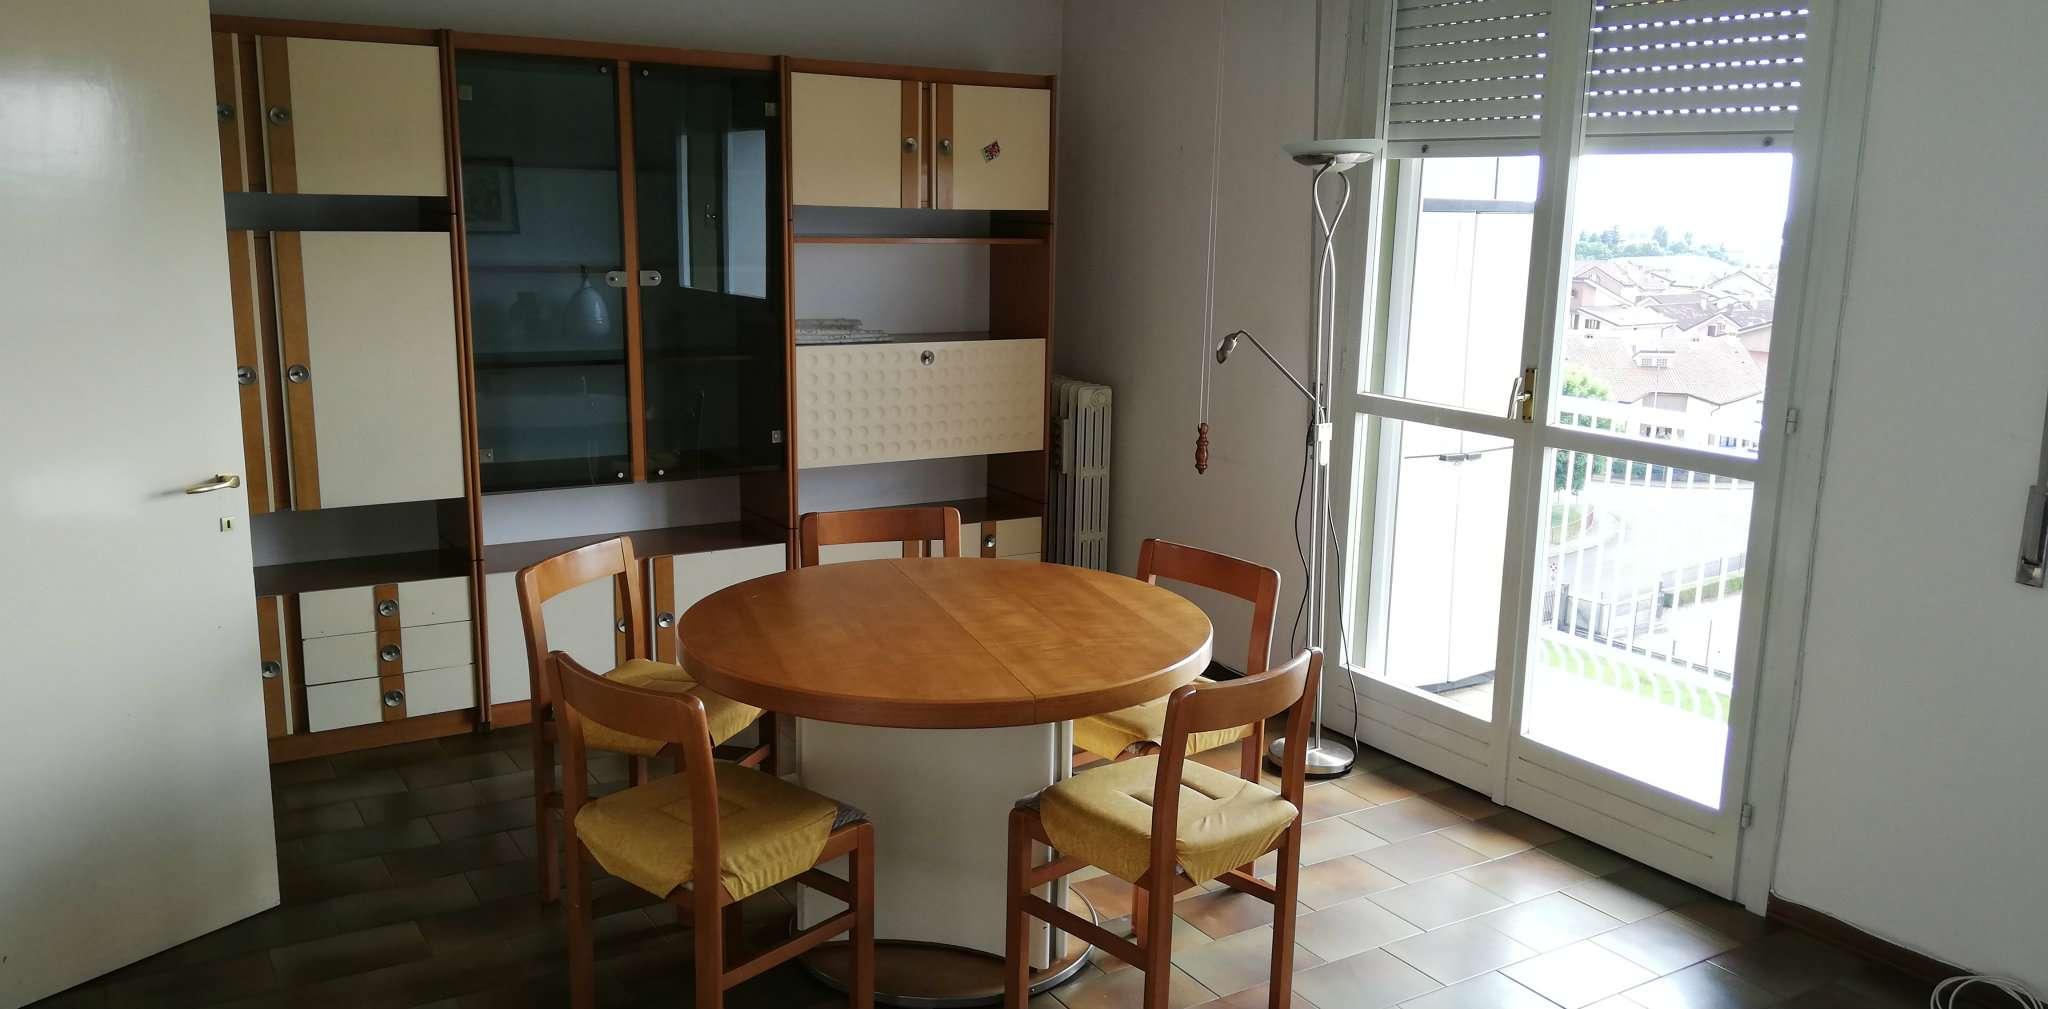 Appartamento in vendita a Cavenago di Brianza, 3 locali, prezzo € 85.000 | CambioCasa.it